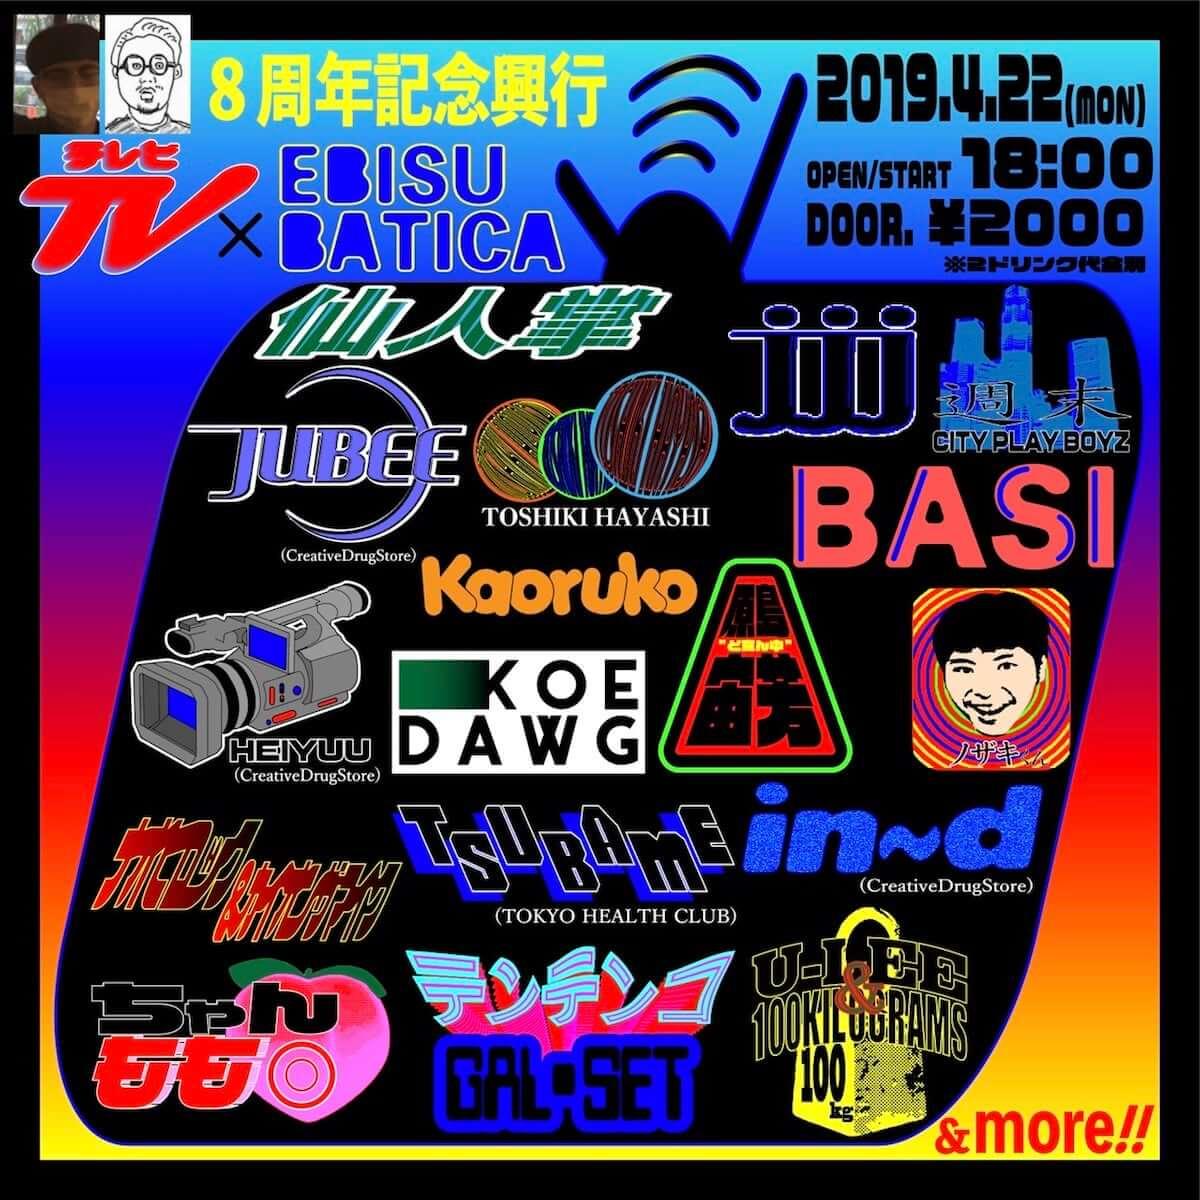 恵比寿BATICA 8周年記念パーティ「TV」が開催|仙人掌、BASI、jjj、in-d、JUBEE、koedawg、TSUBAMEら豪華アーティストが続々登場! music190417-ebisu-batica-8th-anniversary-tv-3-1200x1200